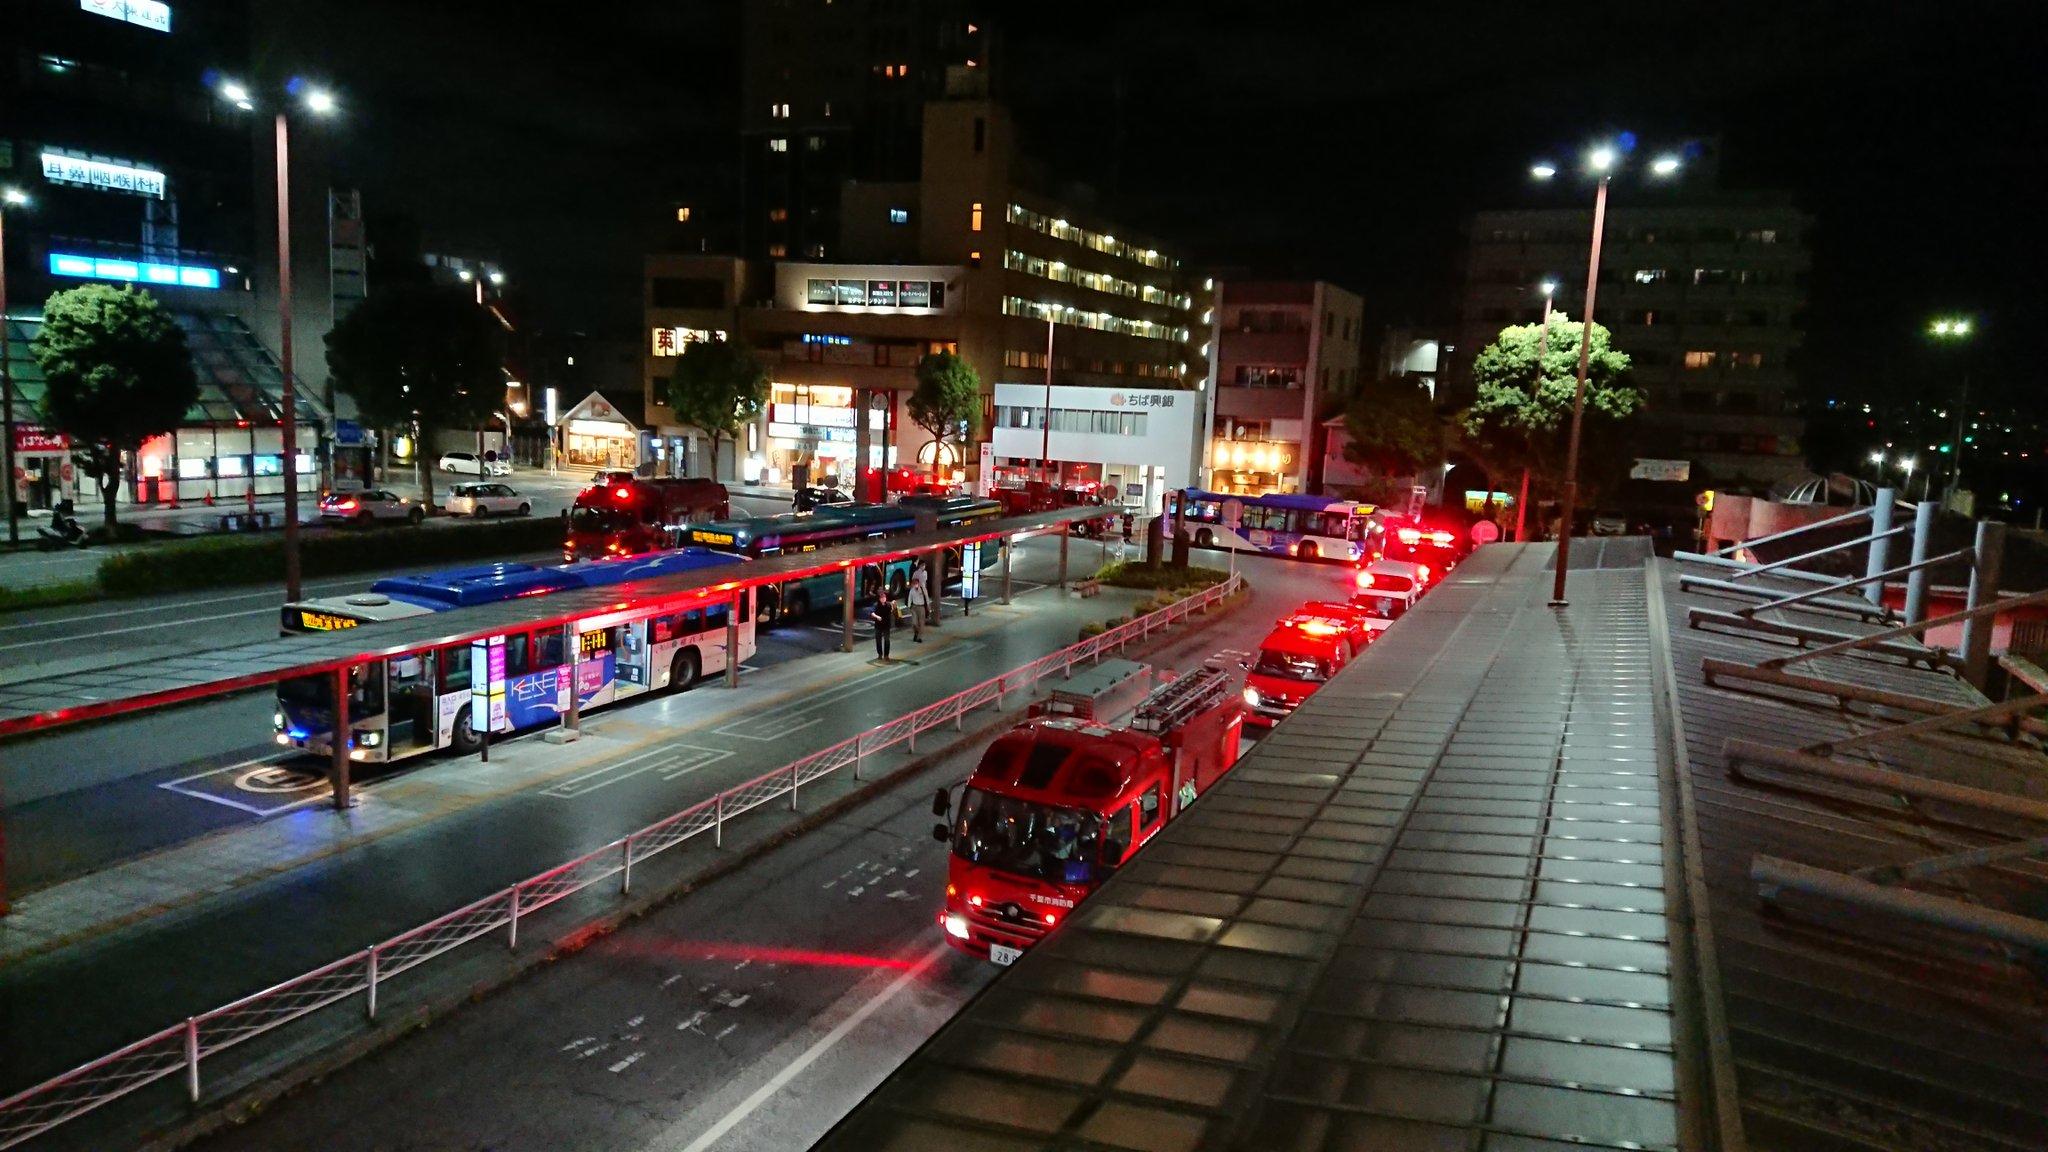 京成千葉線で人身事故が発生した現場画像